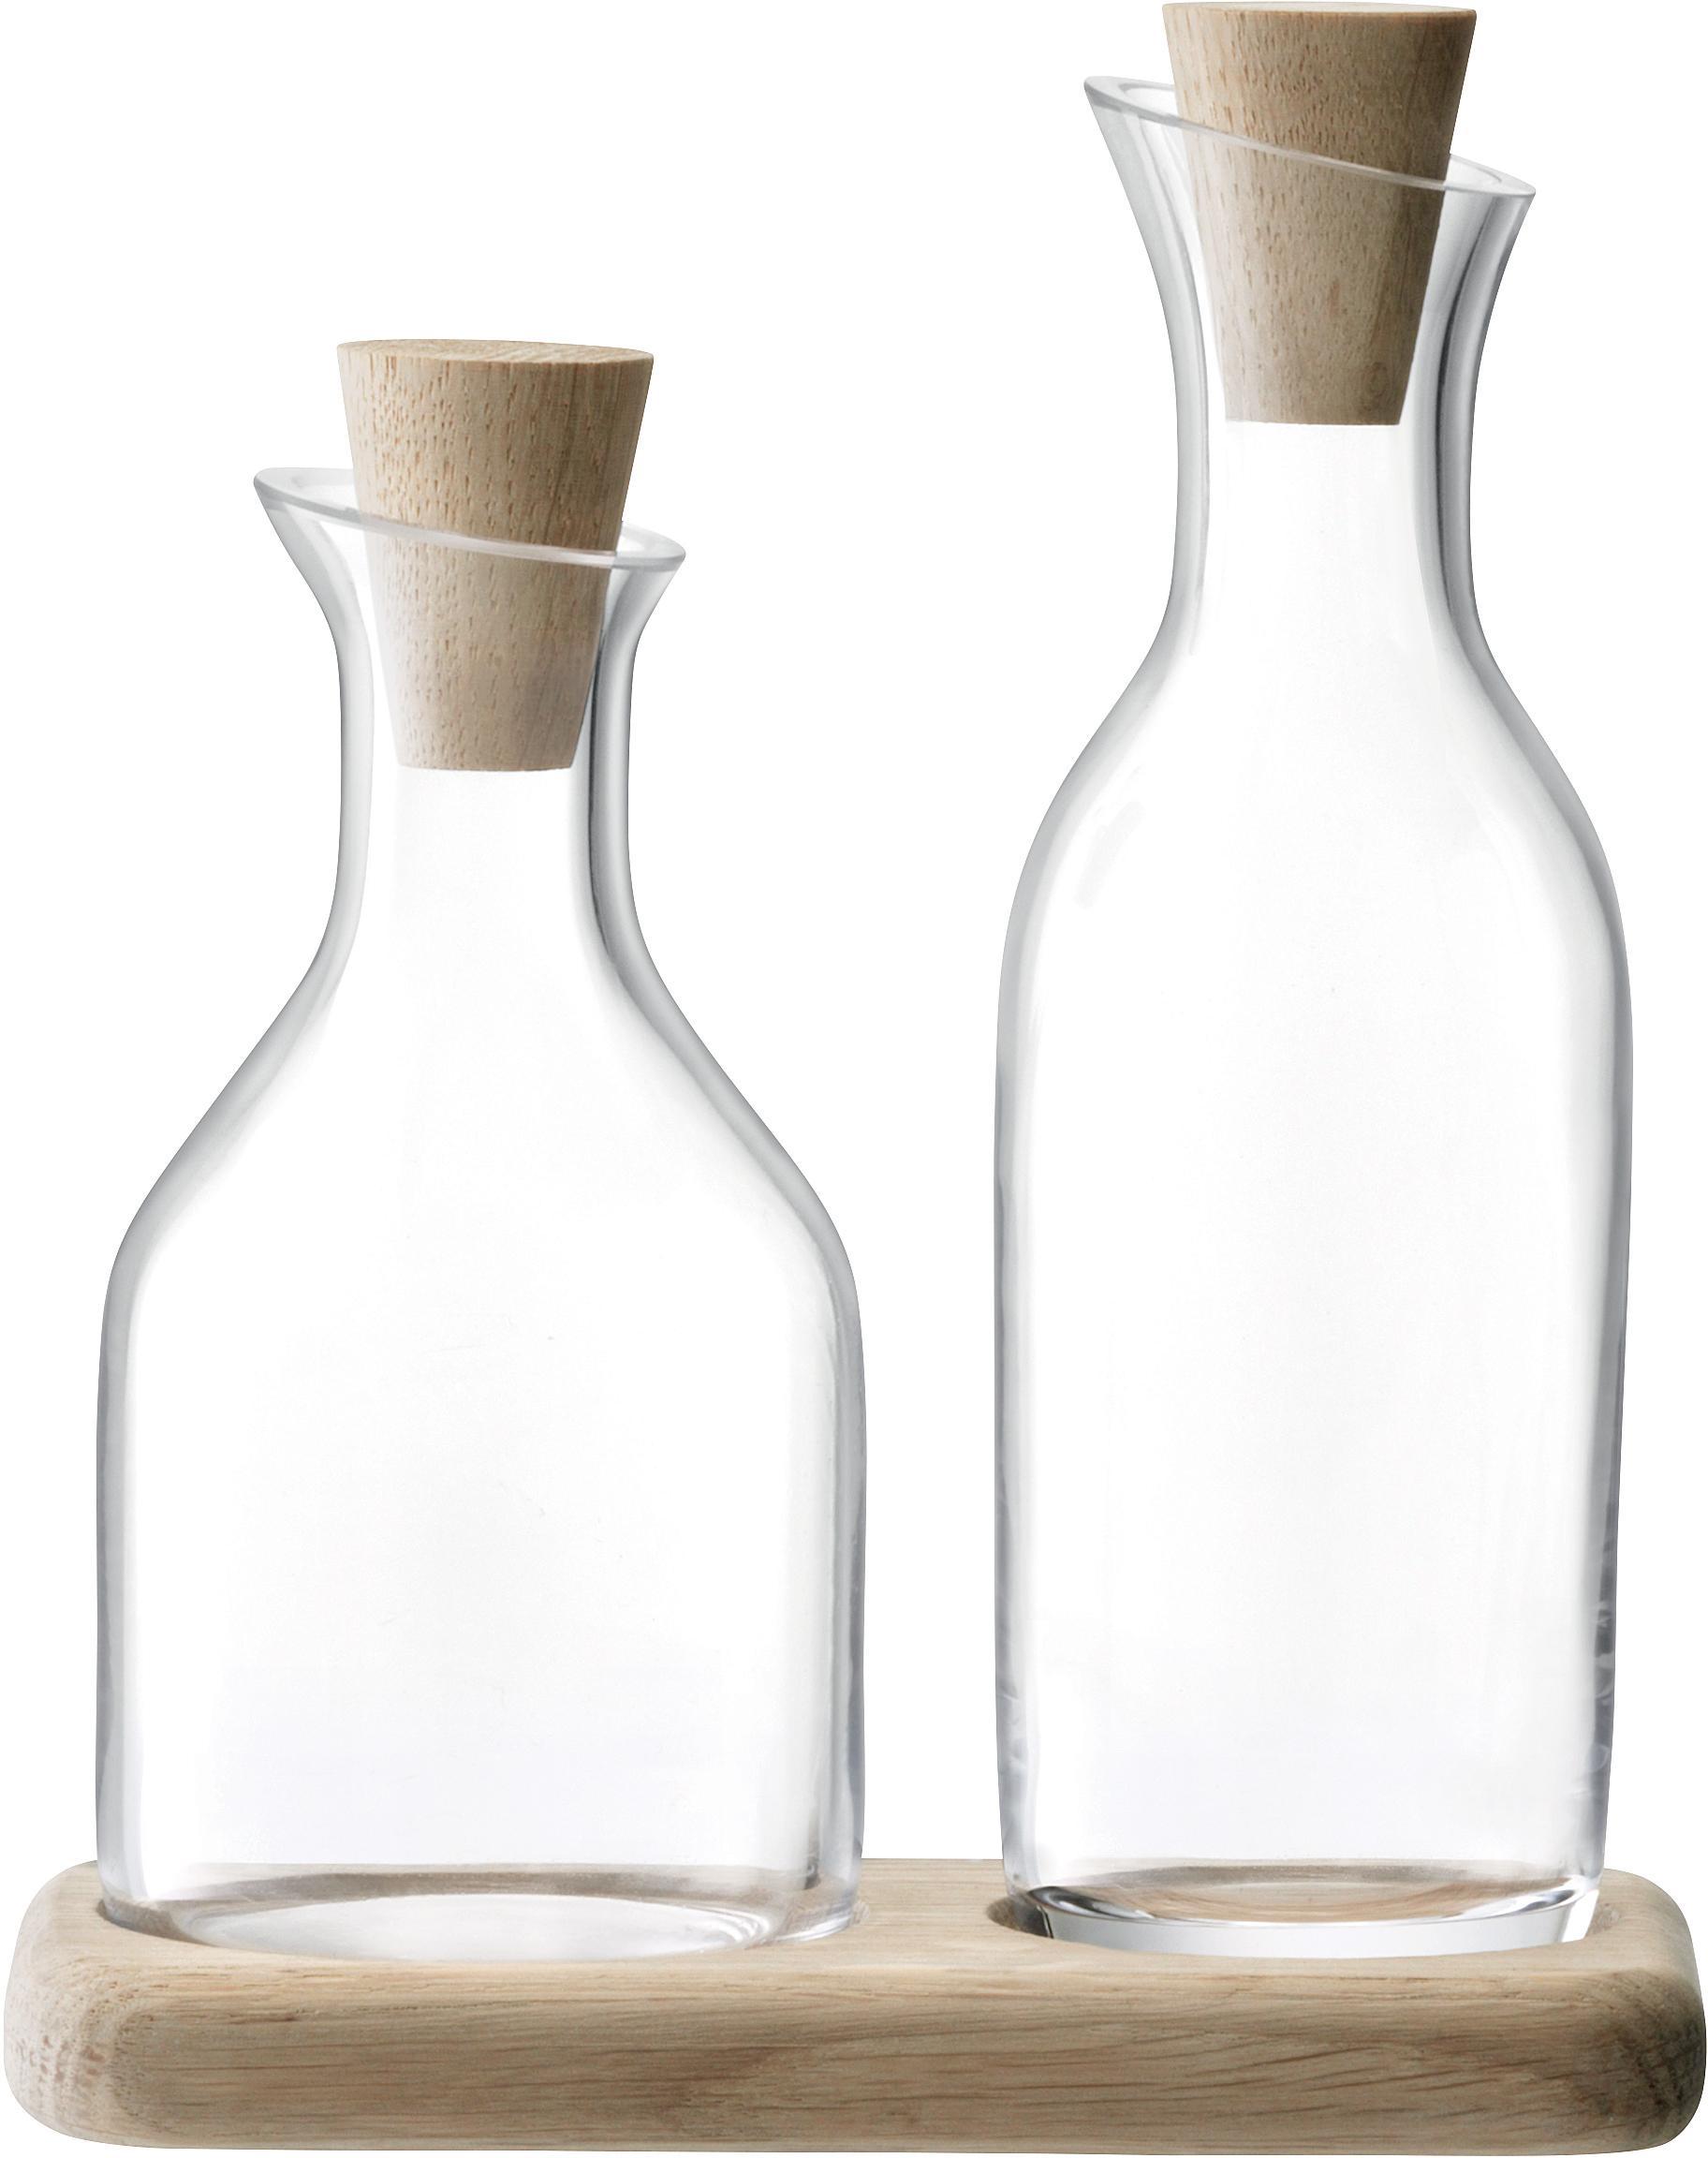 Essig- und Öl-Spender Serve aus Glas und Eichenholz, 3er-Set, Unterteil: Eichenholz, Verschlüsse: Eichenholz, Spender: TransparentUnterteil: EichenholzVerschlüsse: Eichenholz, Verschiedene Grössen